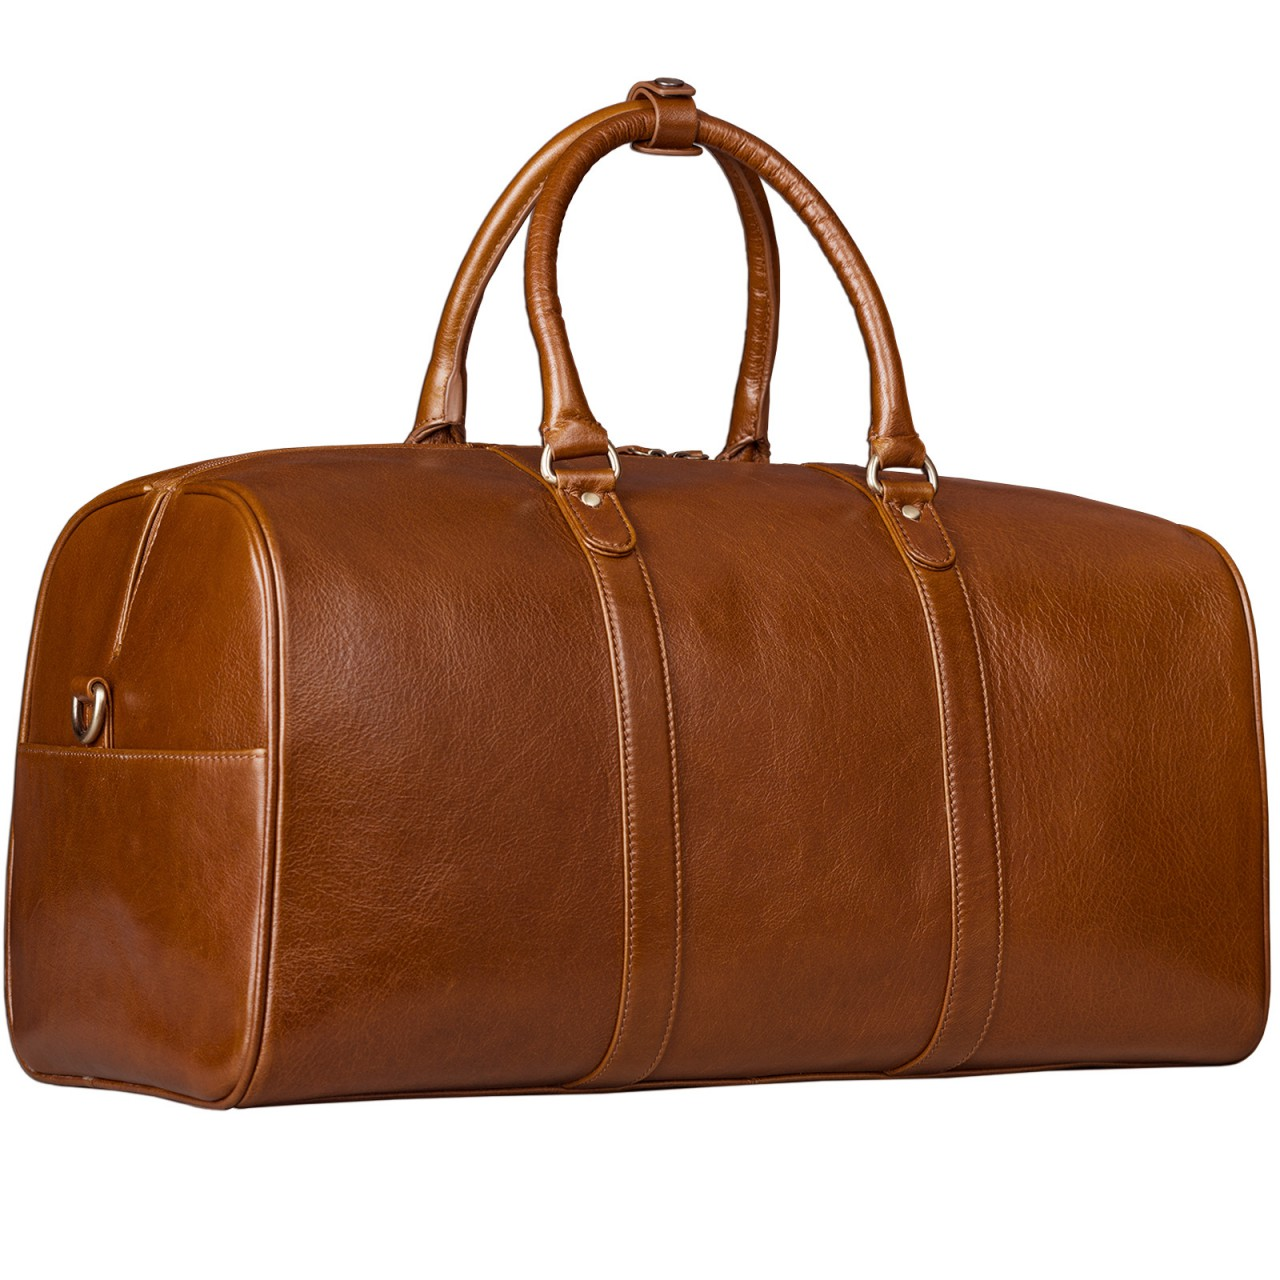 STILORD Große Vintage Reisetasche Business Urlaub Handgepäck für Herren und Damen, Weekender aus Leder cognac braun - Bild 5